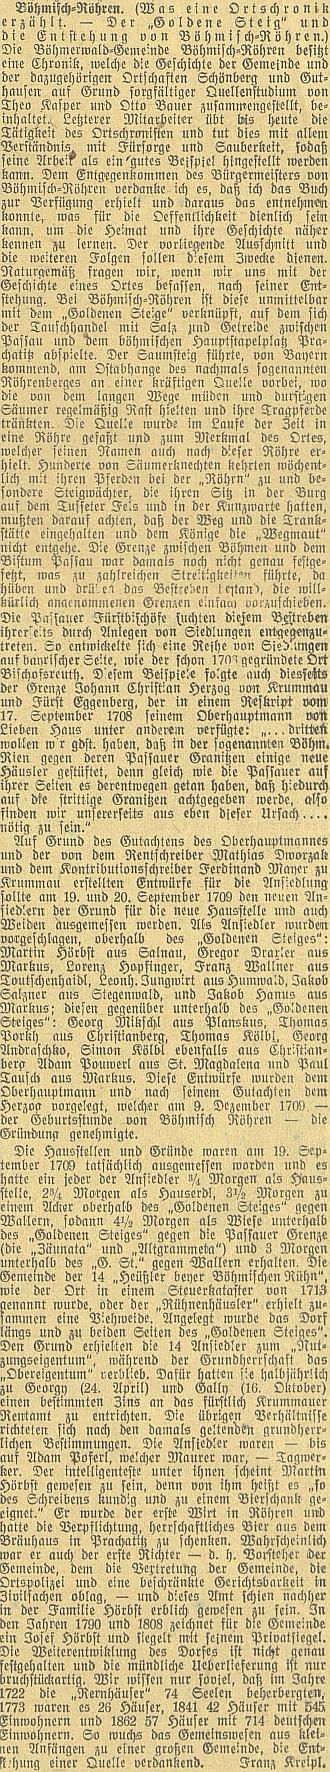 Článek Franze Kreipla v českobudějovickém německém listu, čerpající z kroniky vedené Theodorem Kasparem a Otto Bauerem, vyšel o roku později i v časopise Mein Böhmerwald